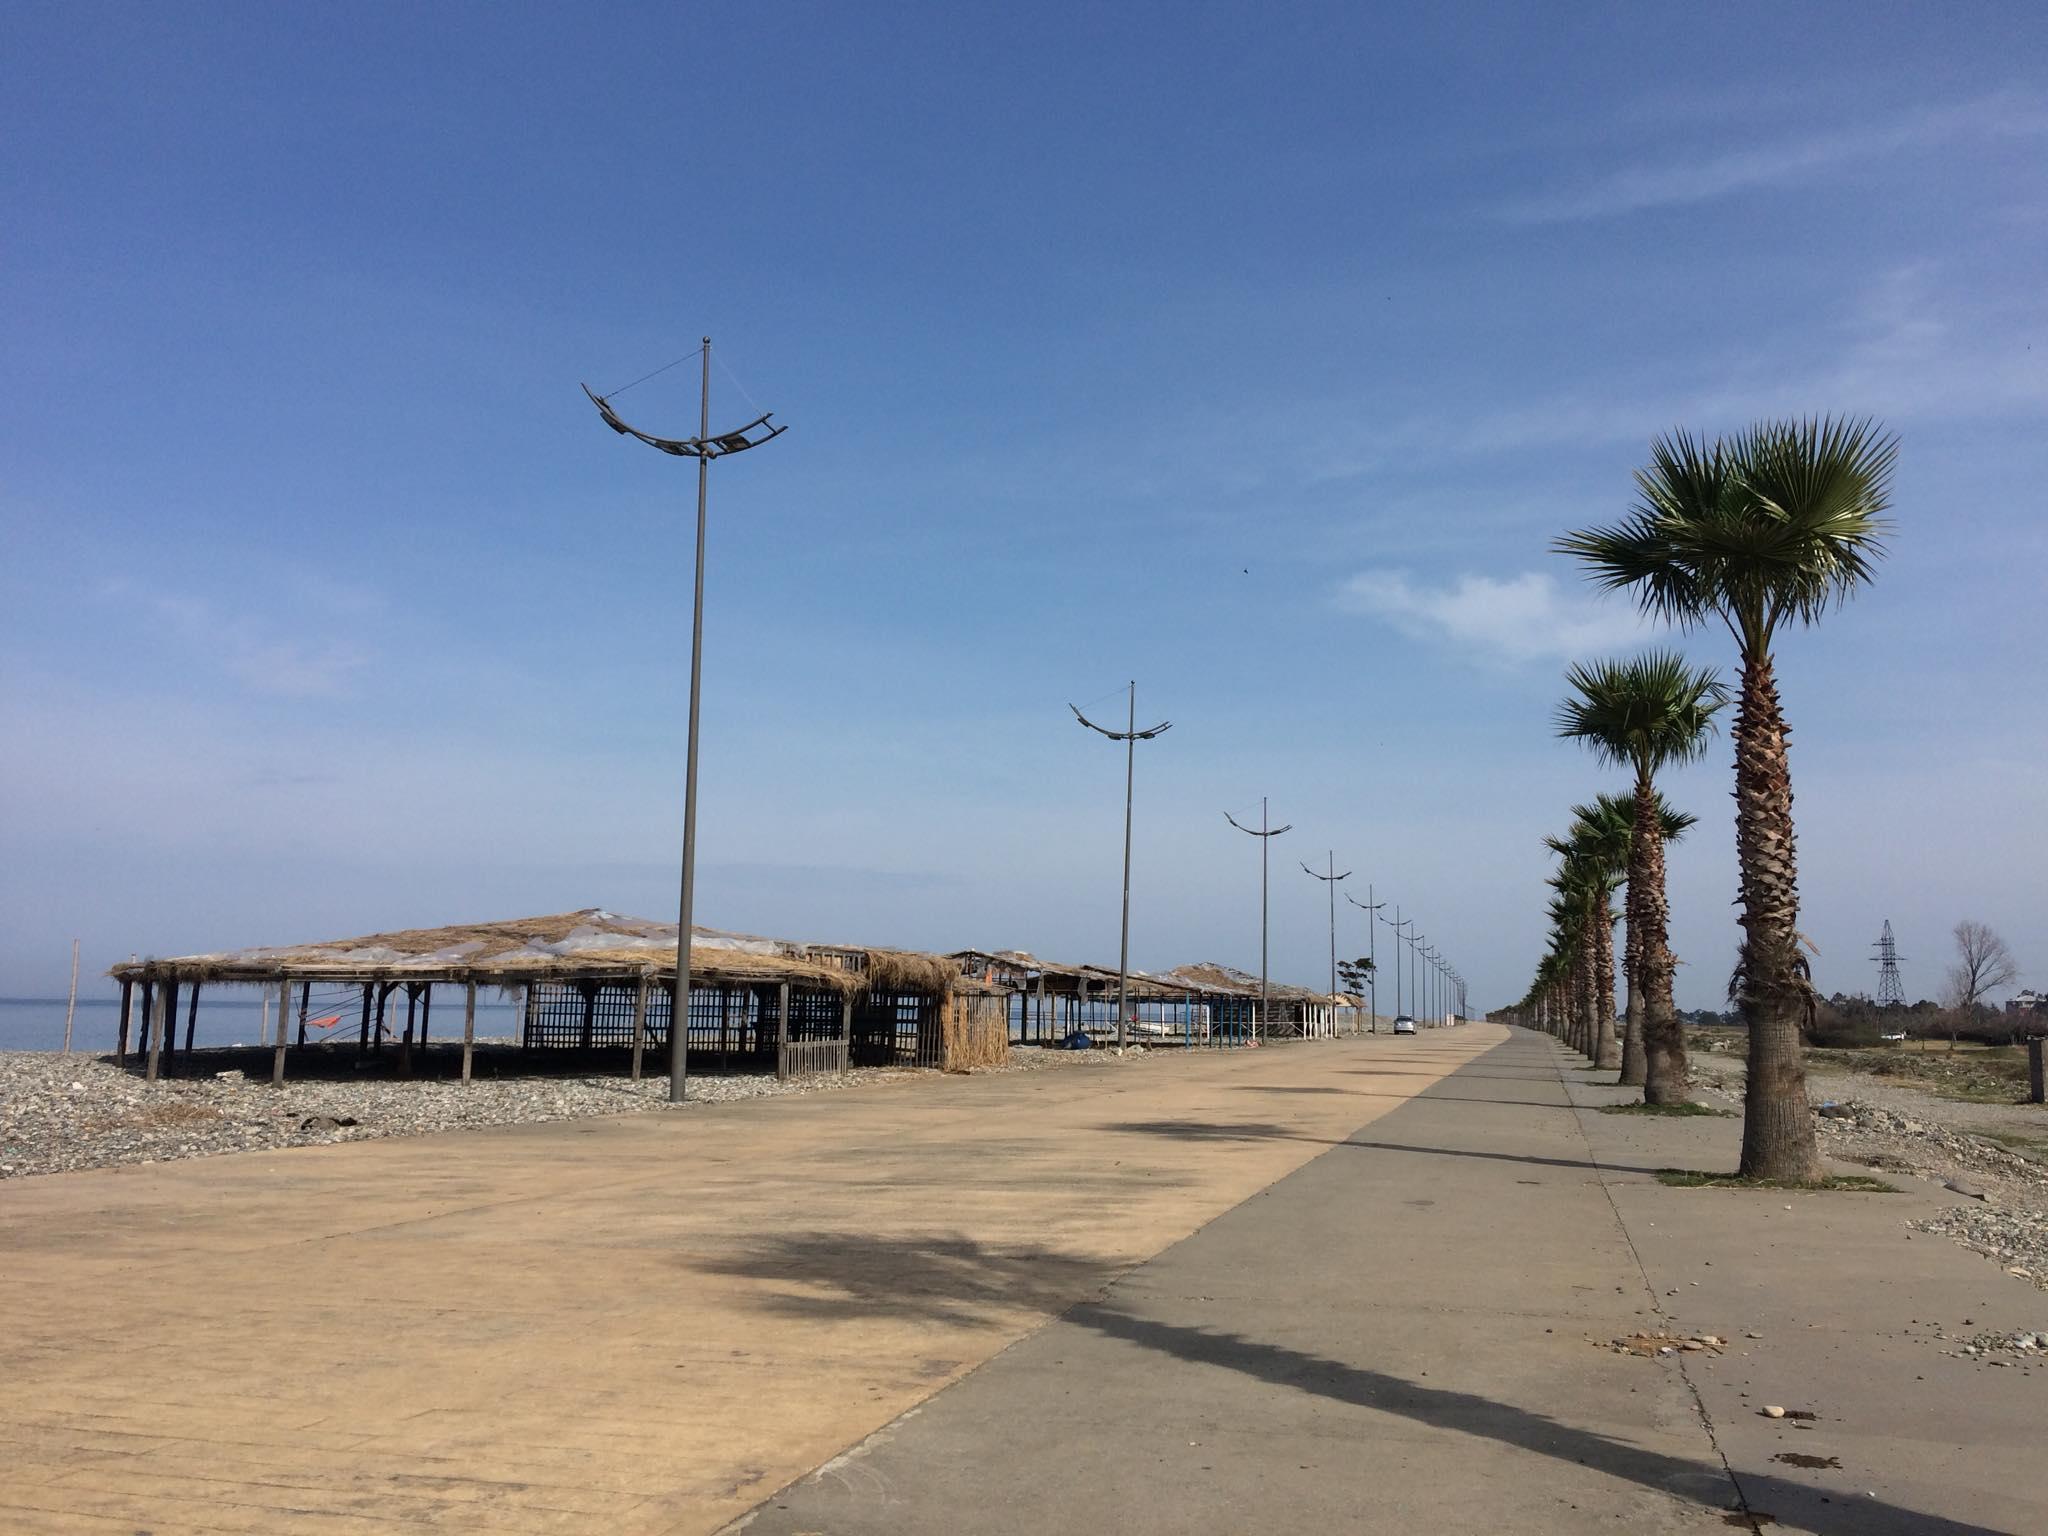 გონიოსა და კვარიათის პლაჟებზე 80 ბუნგალოს დემონტაჟი მოხდება, ტერიტორია აუქციონზე გავა